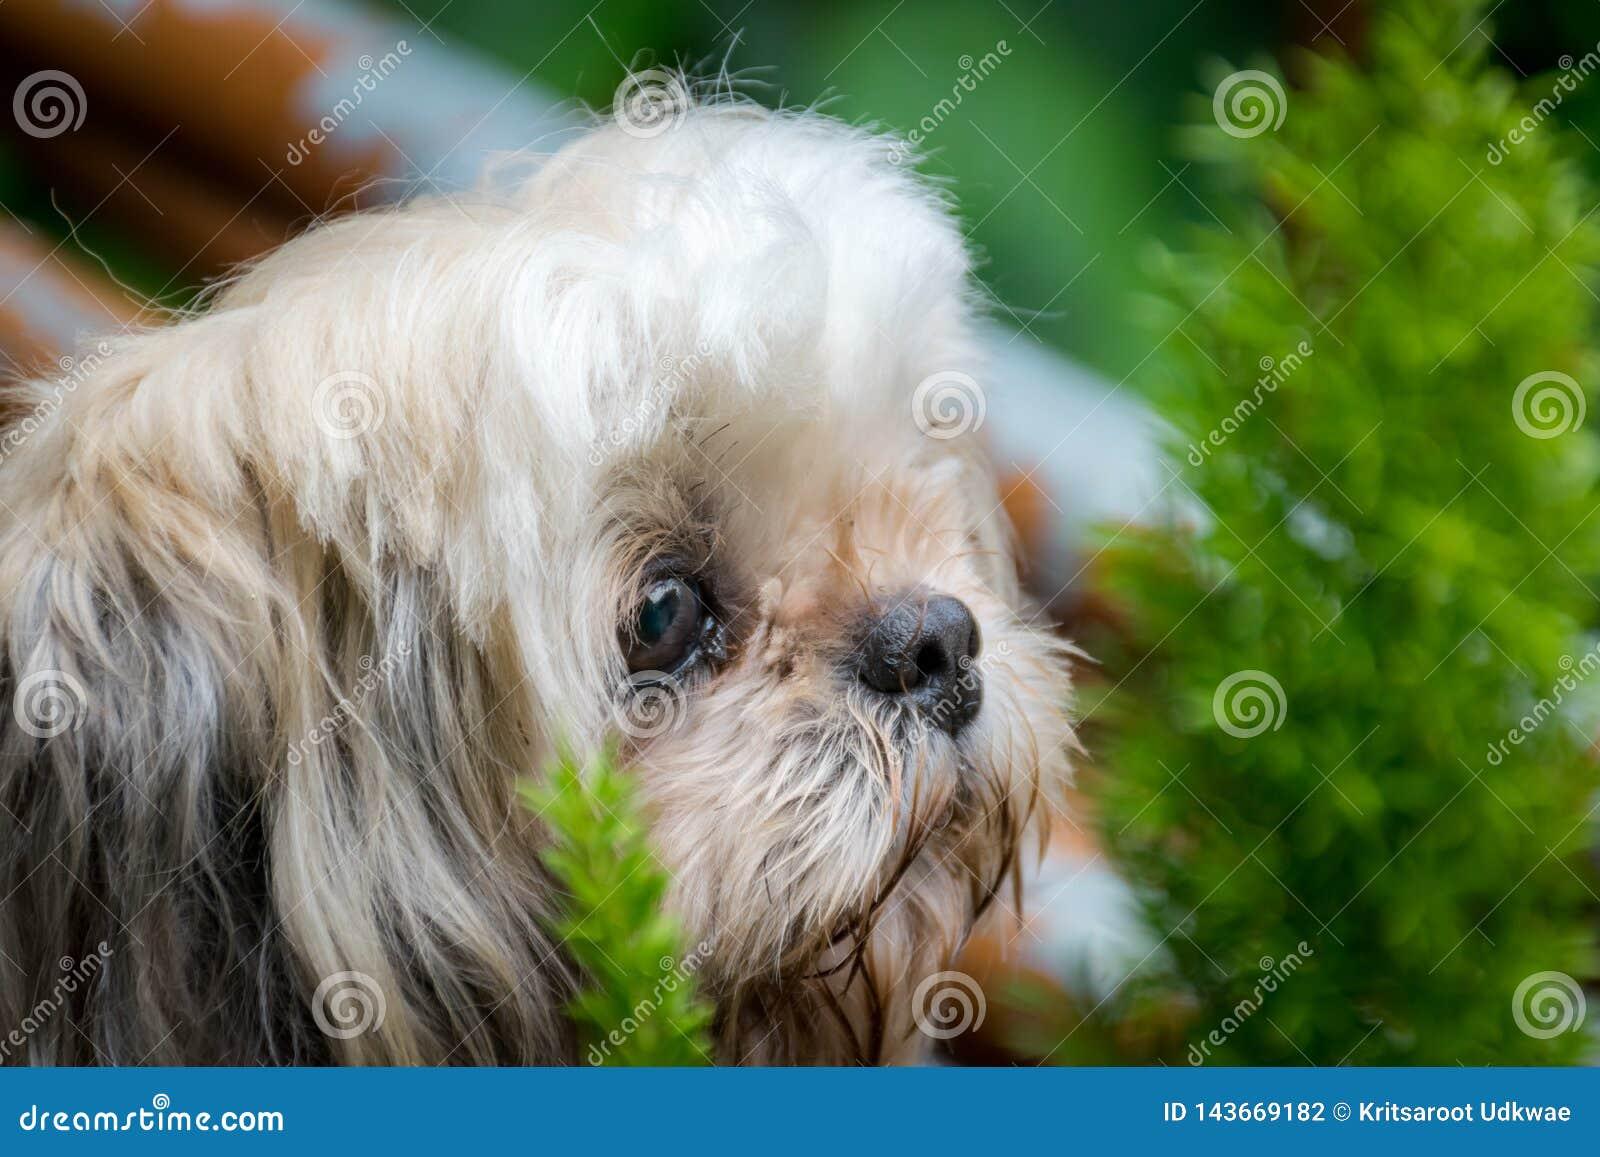 Σκυλί shih-Tzu με λίγο δέντρο στο υπόβαθρο